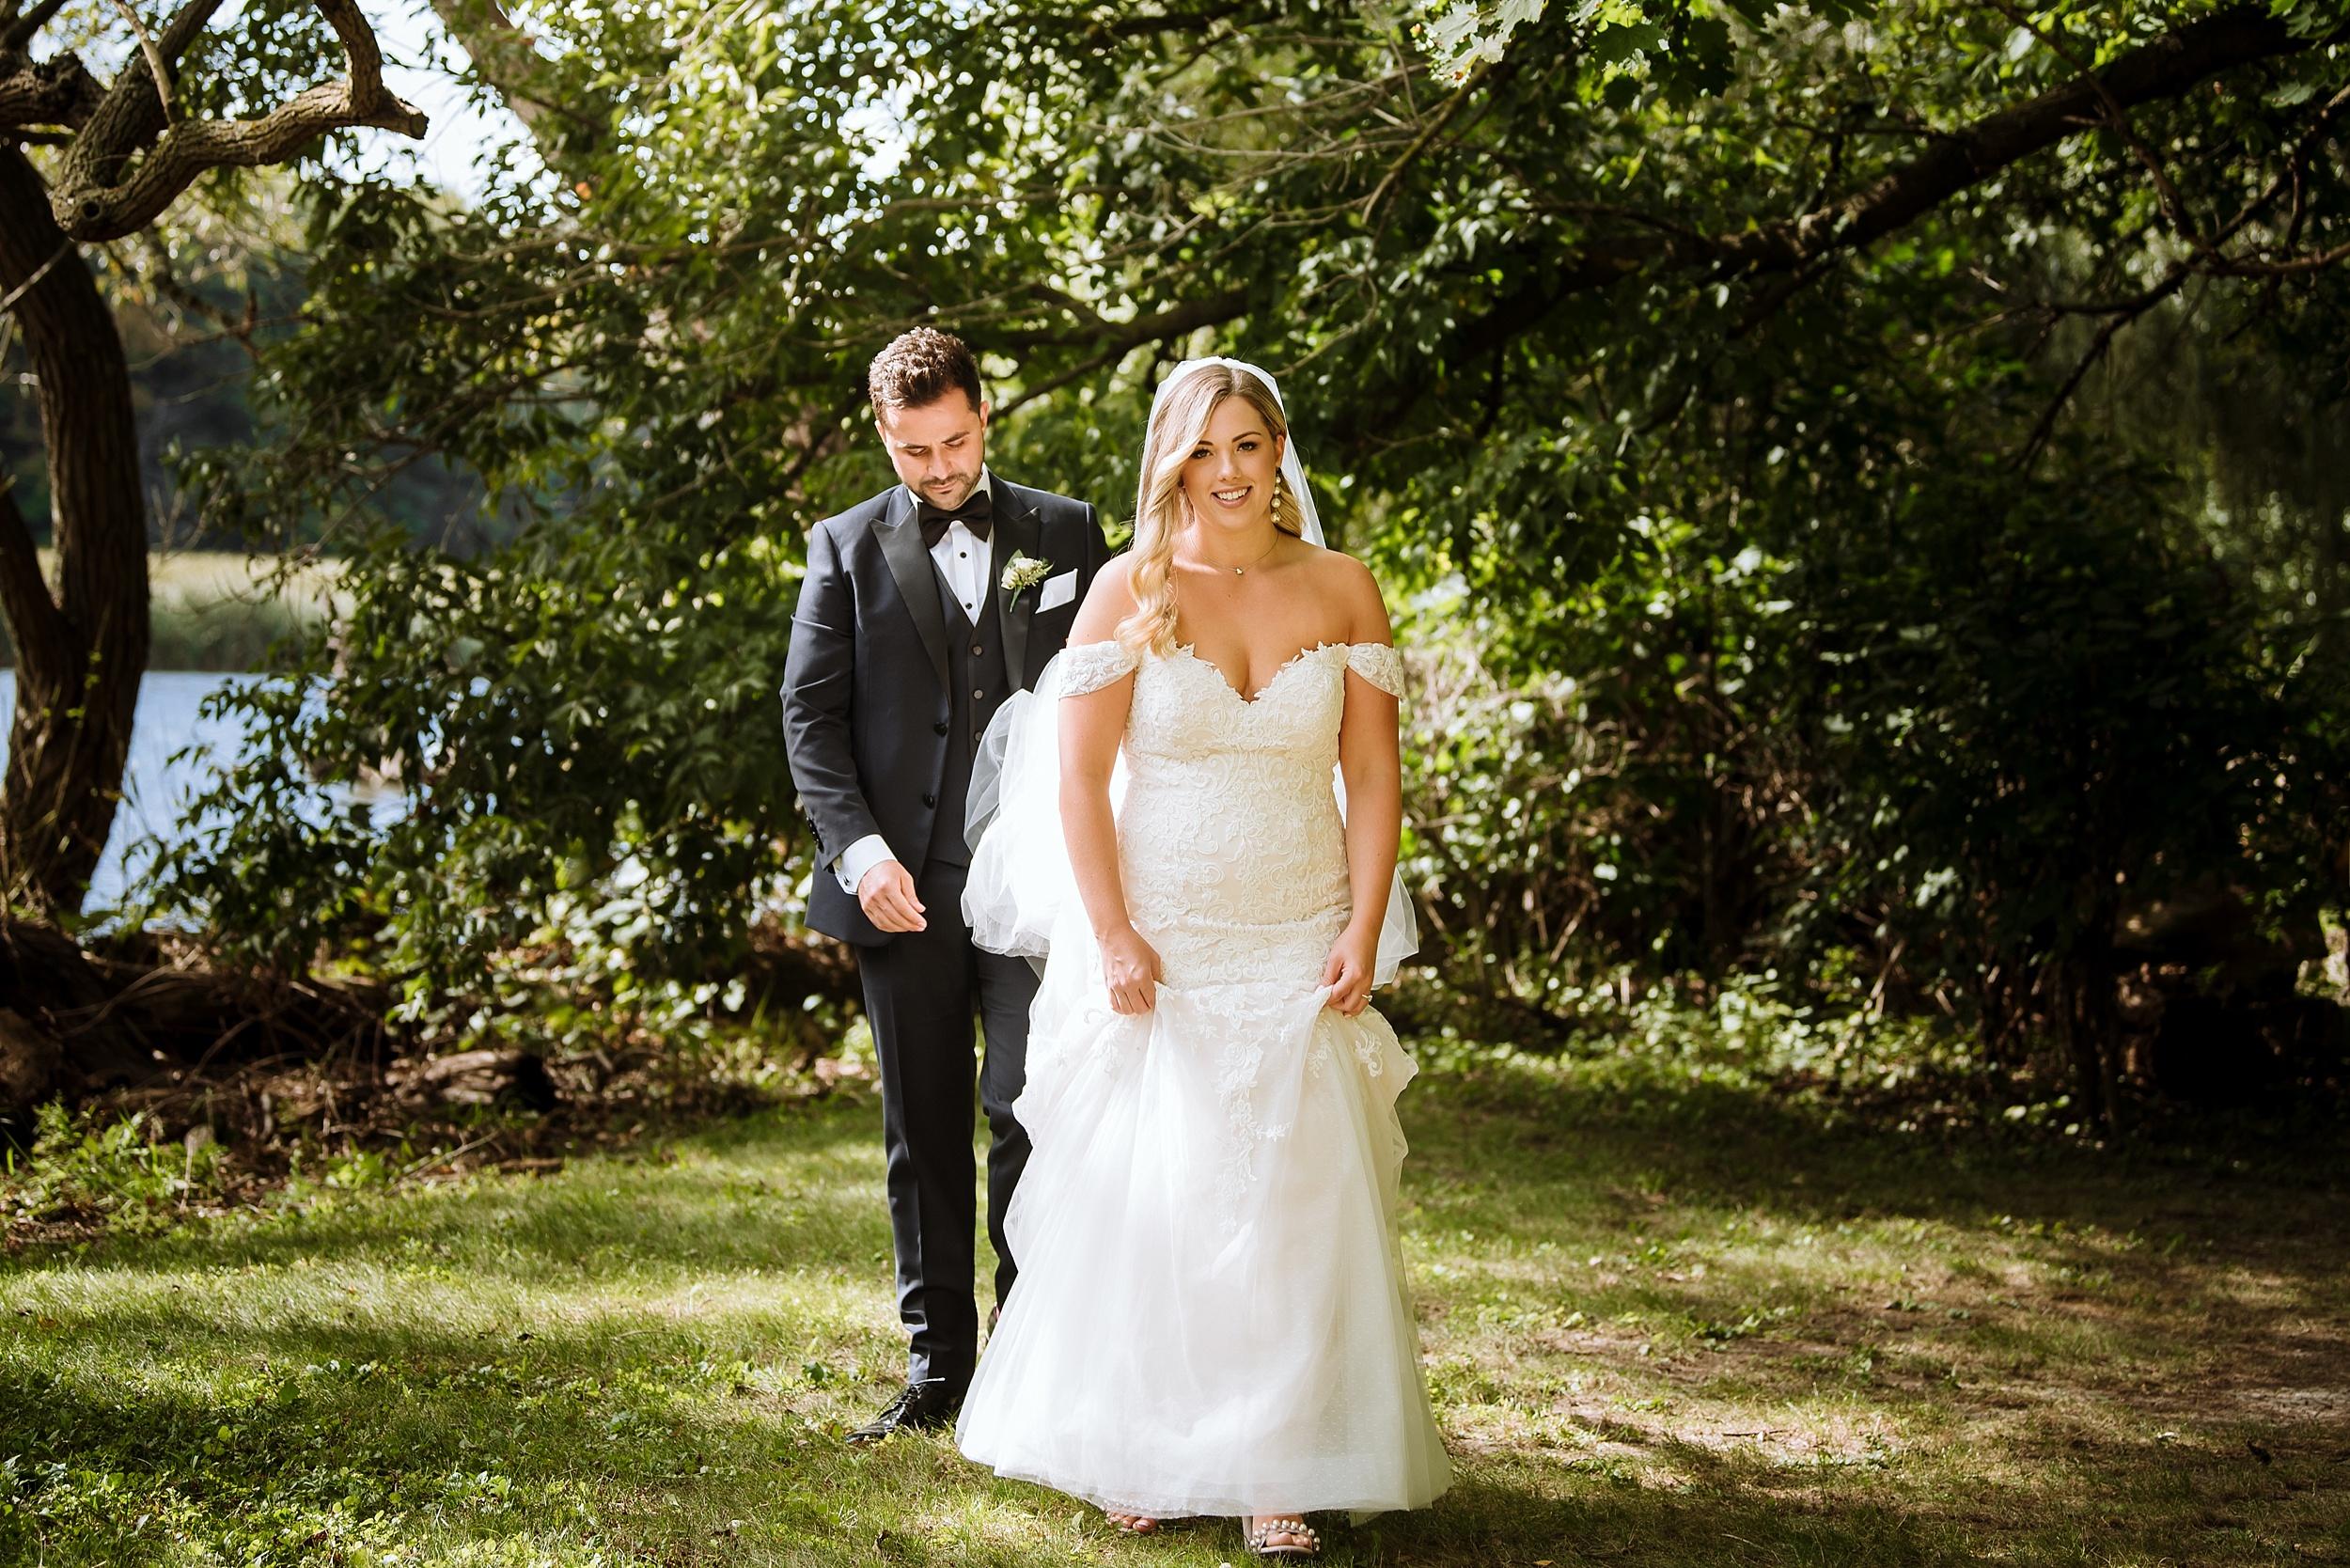 Rustic_Backyard_Wedding_Toronto_Photographer044.jpg